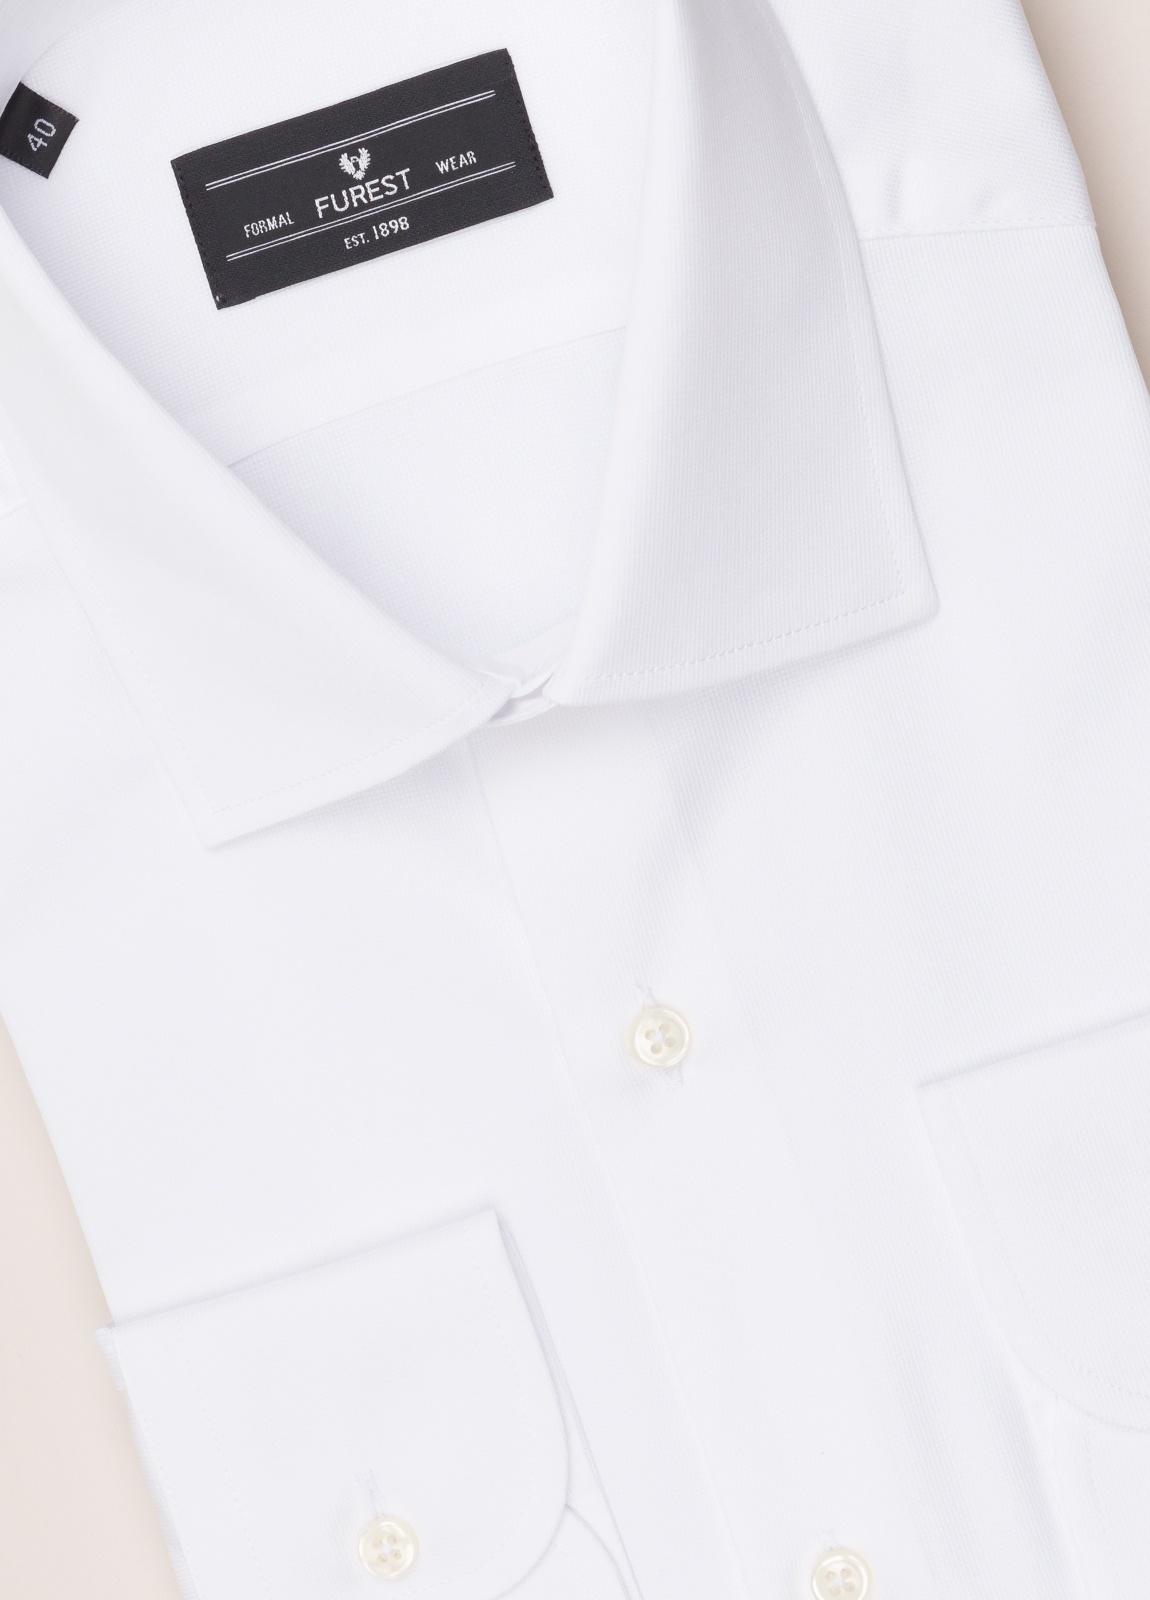 Camisa vestir FUREST COLECCIÓN SLIM FIT cuello italiano piqué blanco - Ítem1